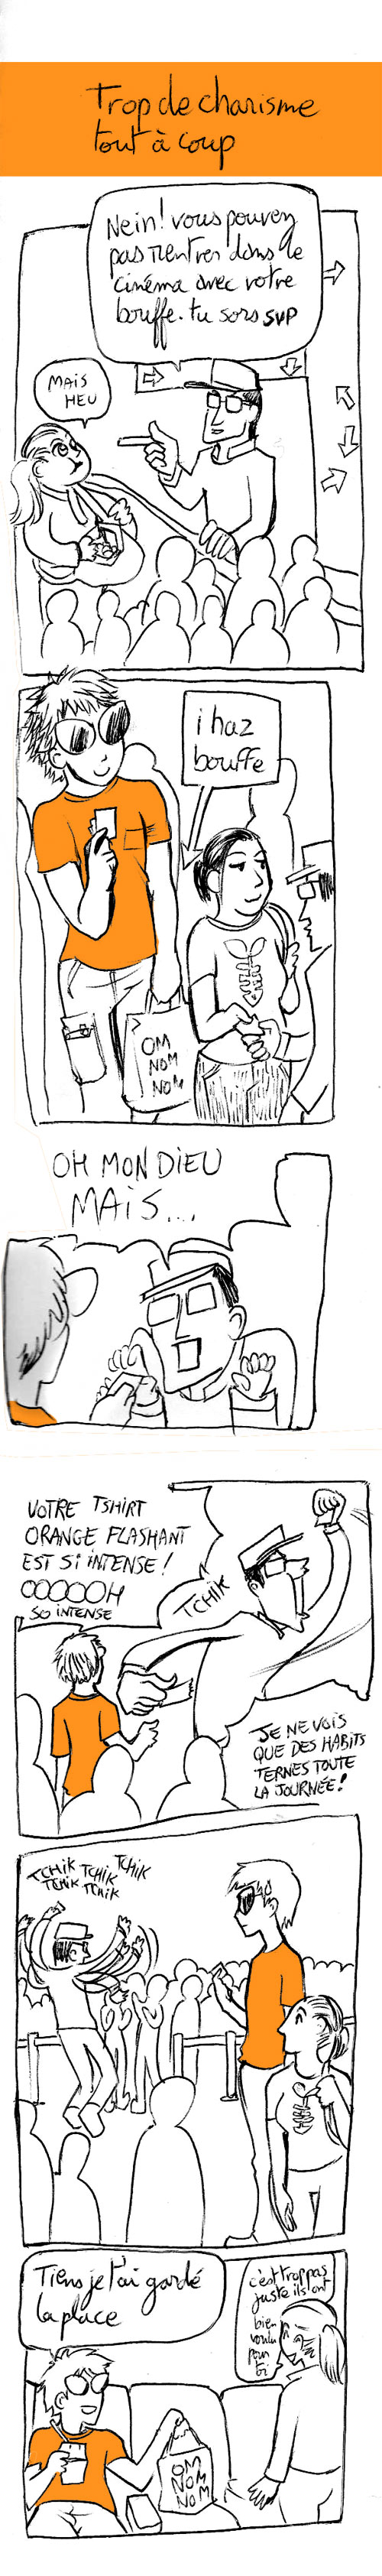 05mai 2011 - tk cinema charisme